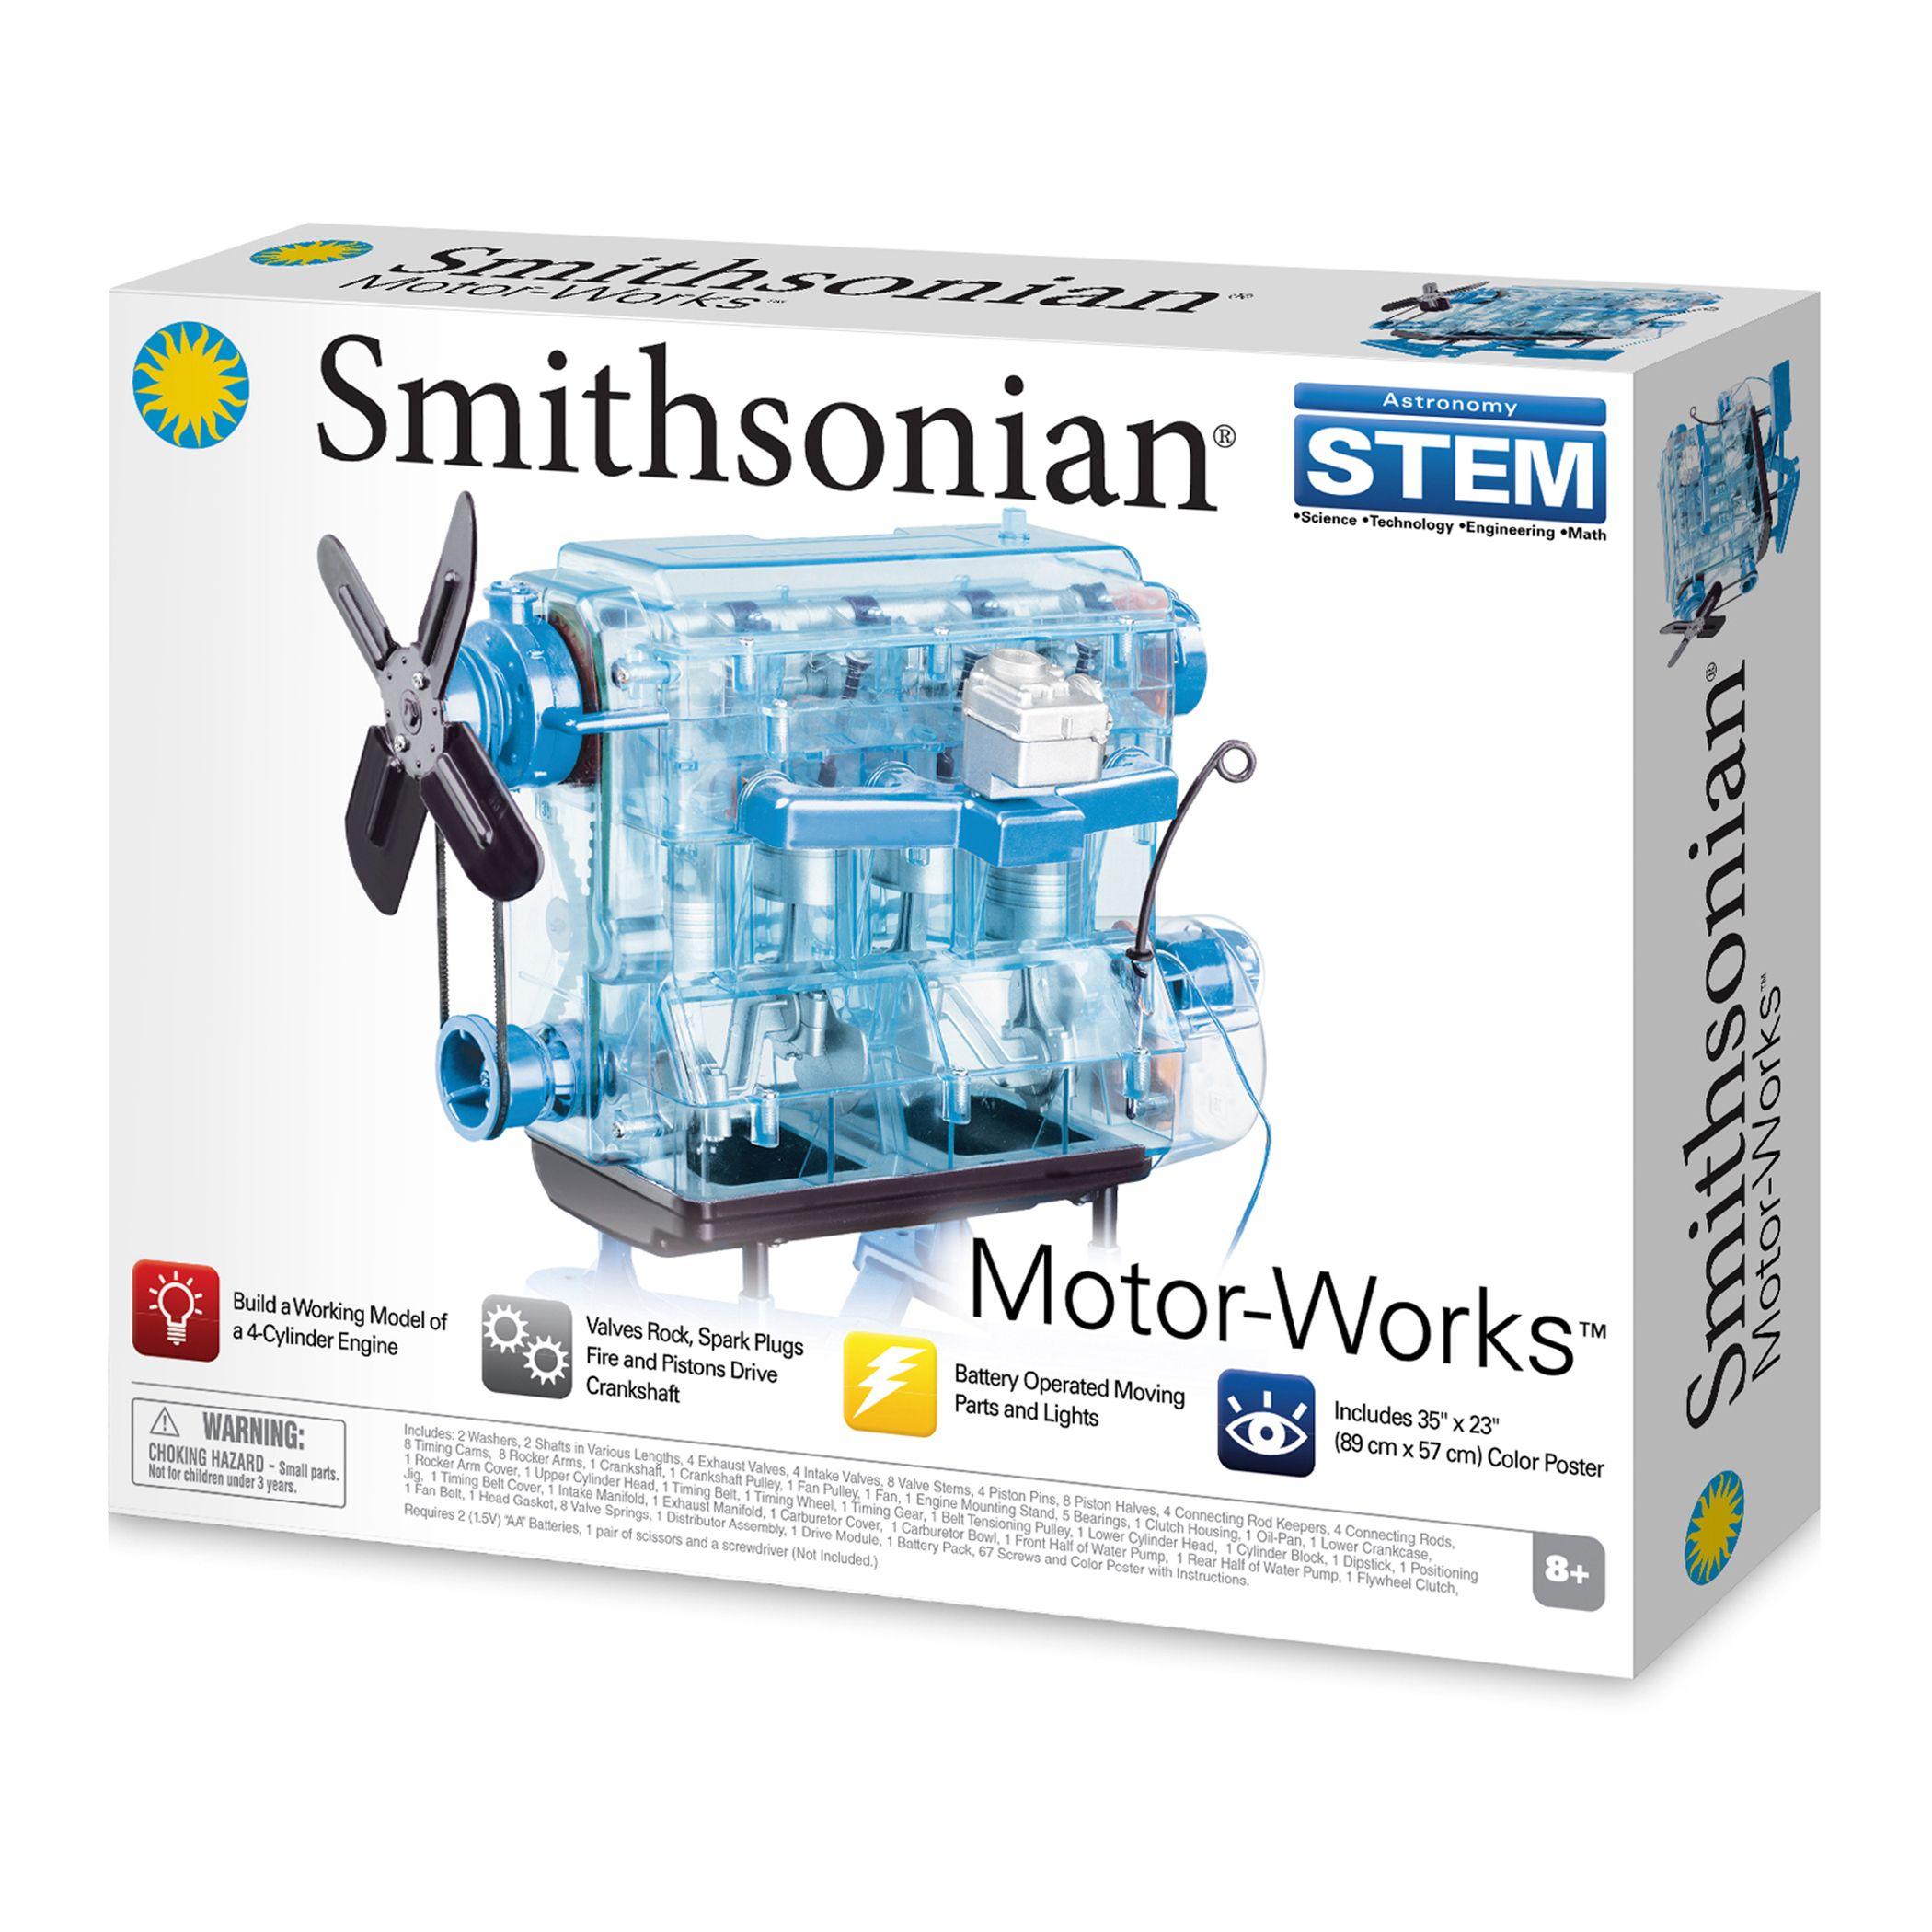 NSI 49013 Smithsonian Motor Works Kit